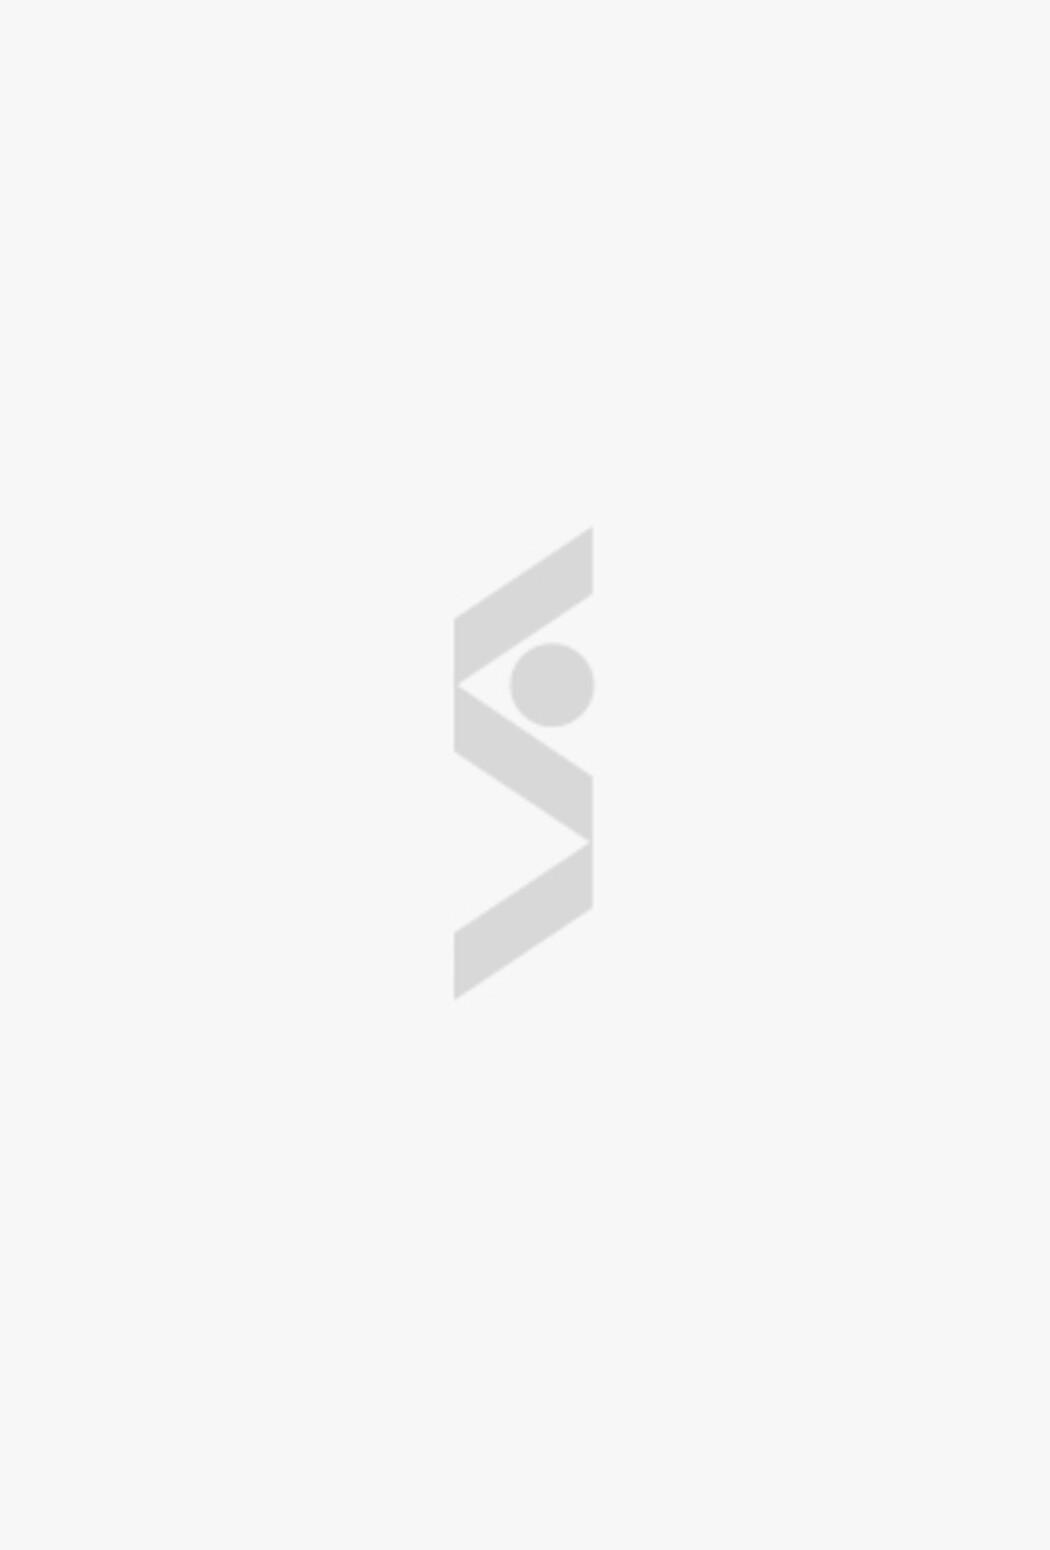 Голубой шарф с логотипом бренда Tommy Hilfiger - цена 2990 ₽ купить в интернет-магазине СТОКМАНН в Москве